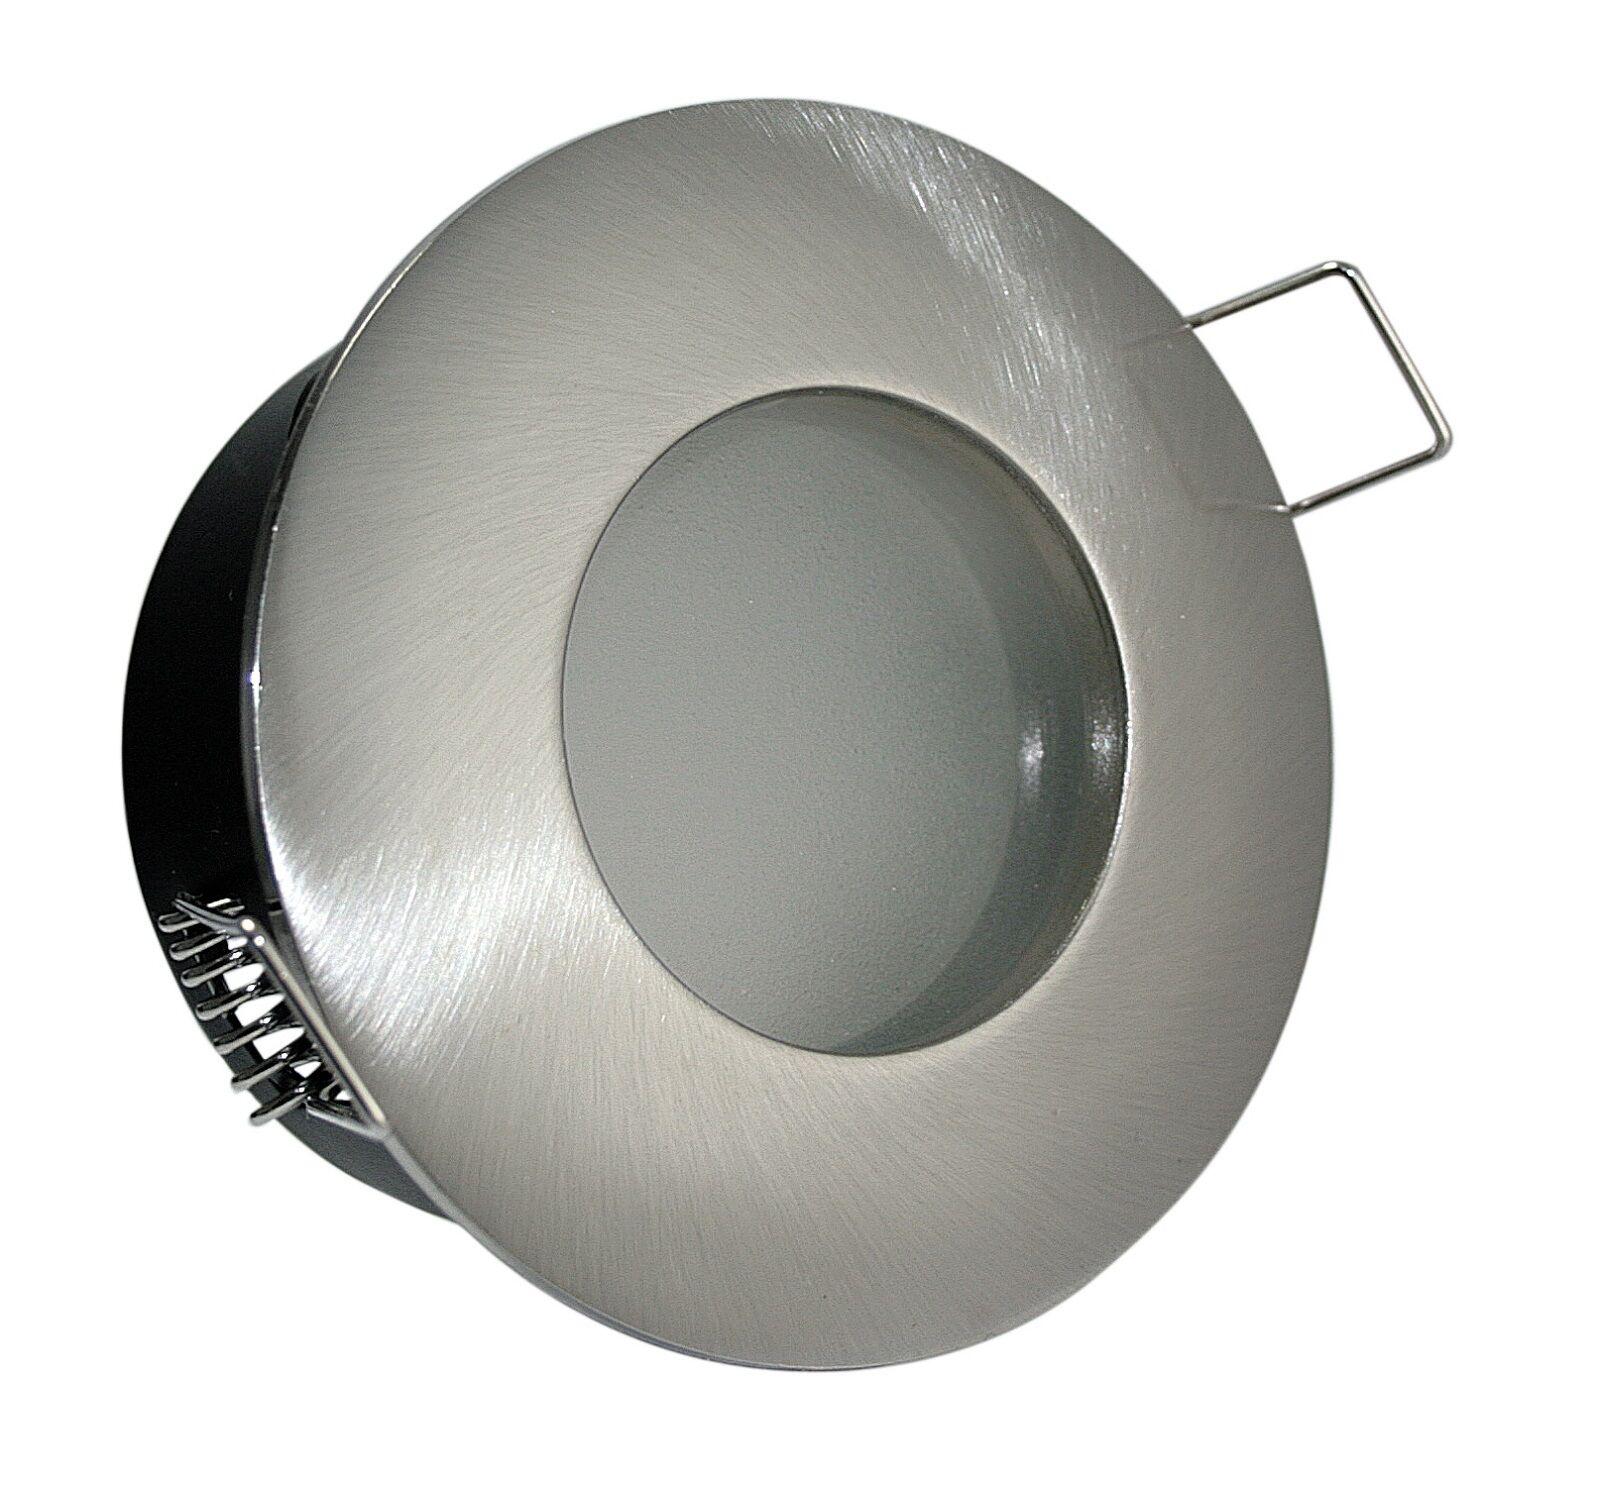 Bad Einbauleuchte Spot Aqua IP65 für Dusche Aussen + 60er SMD LED 3W=30W 230V